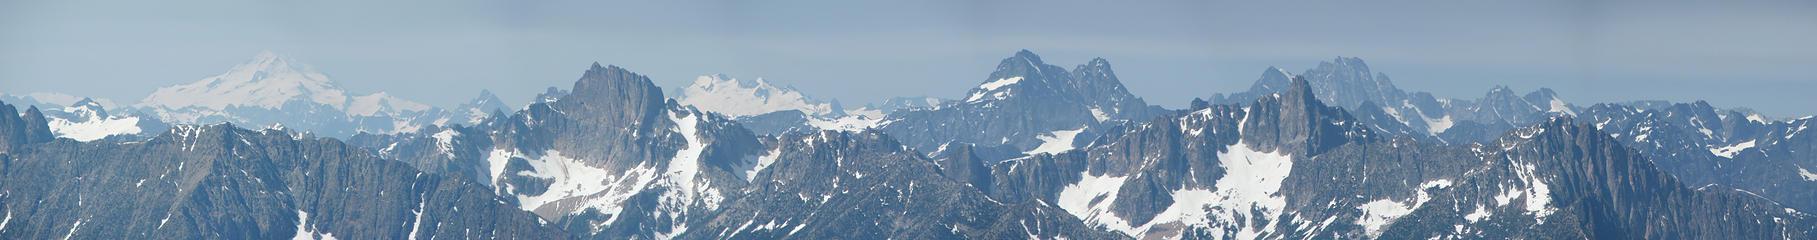 Cascades 15